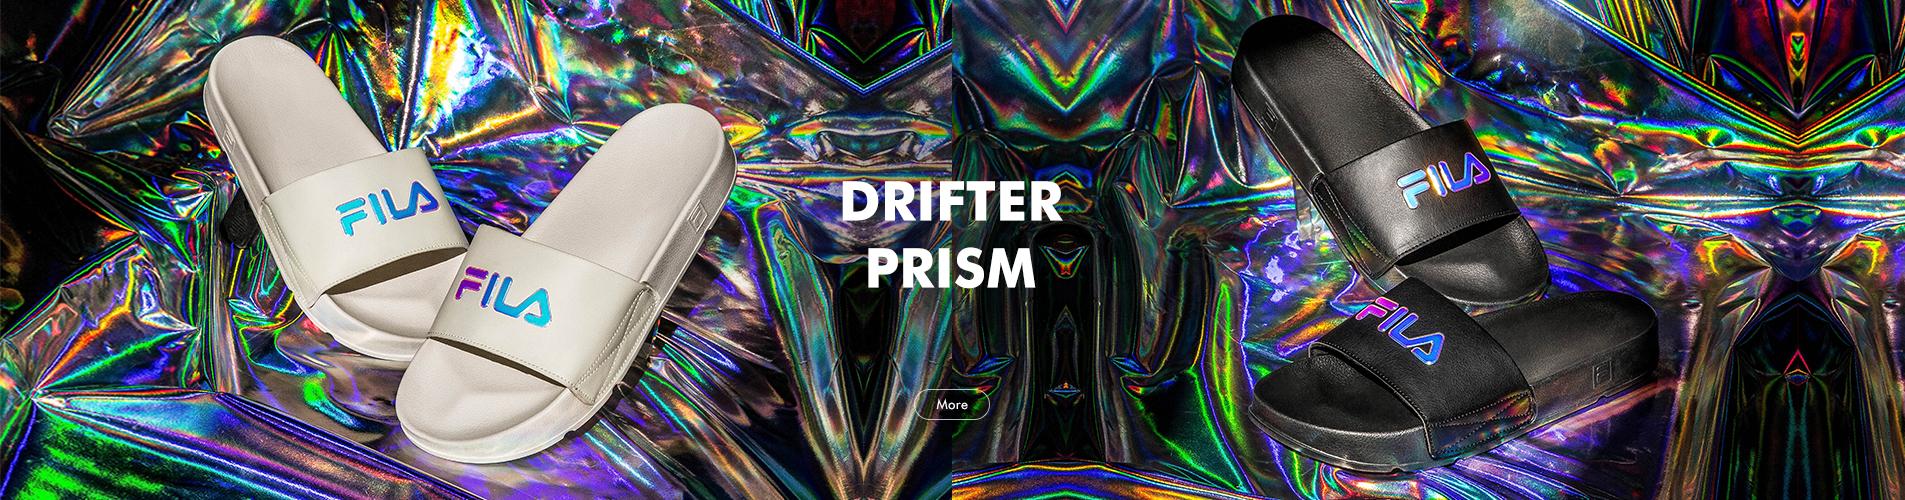 DRIFTER PRISM